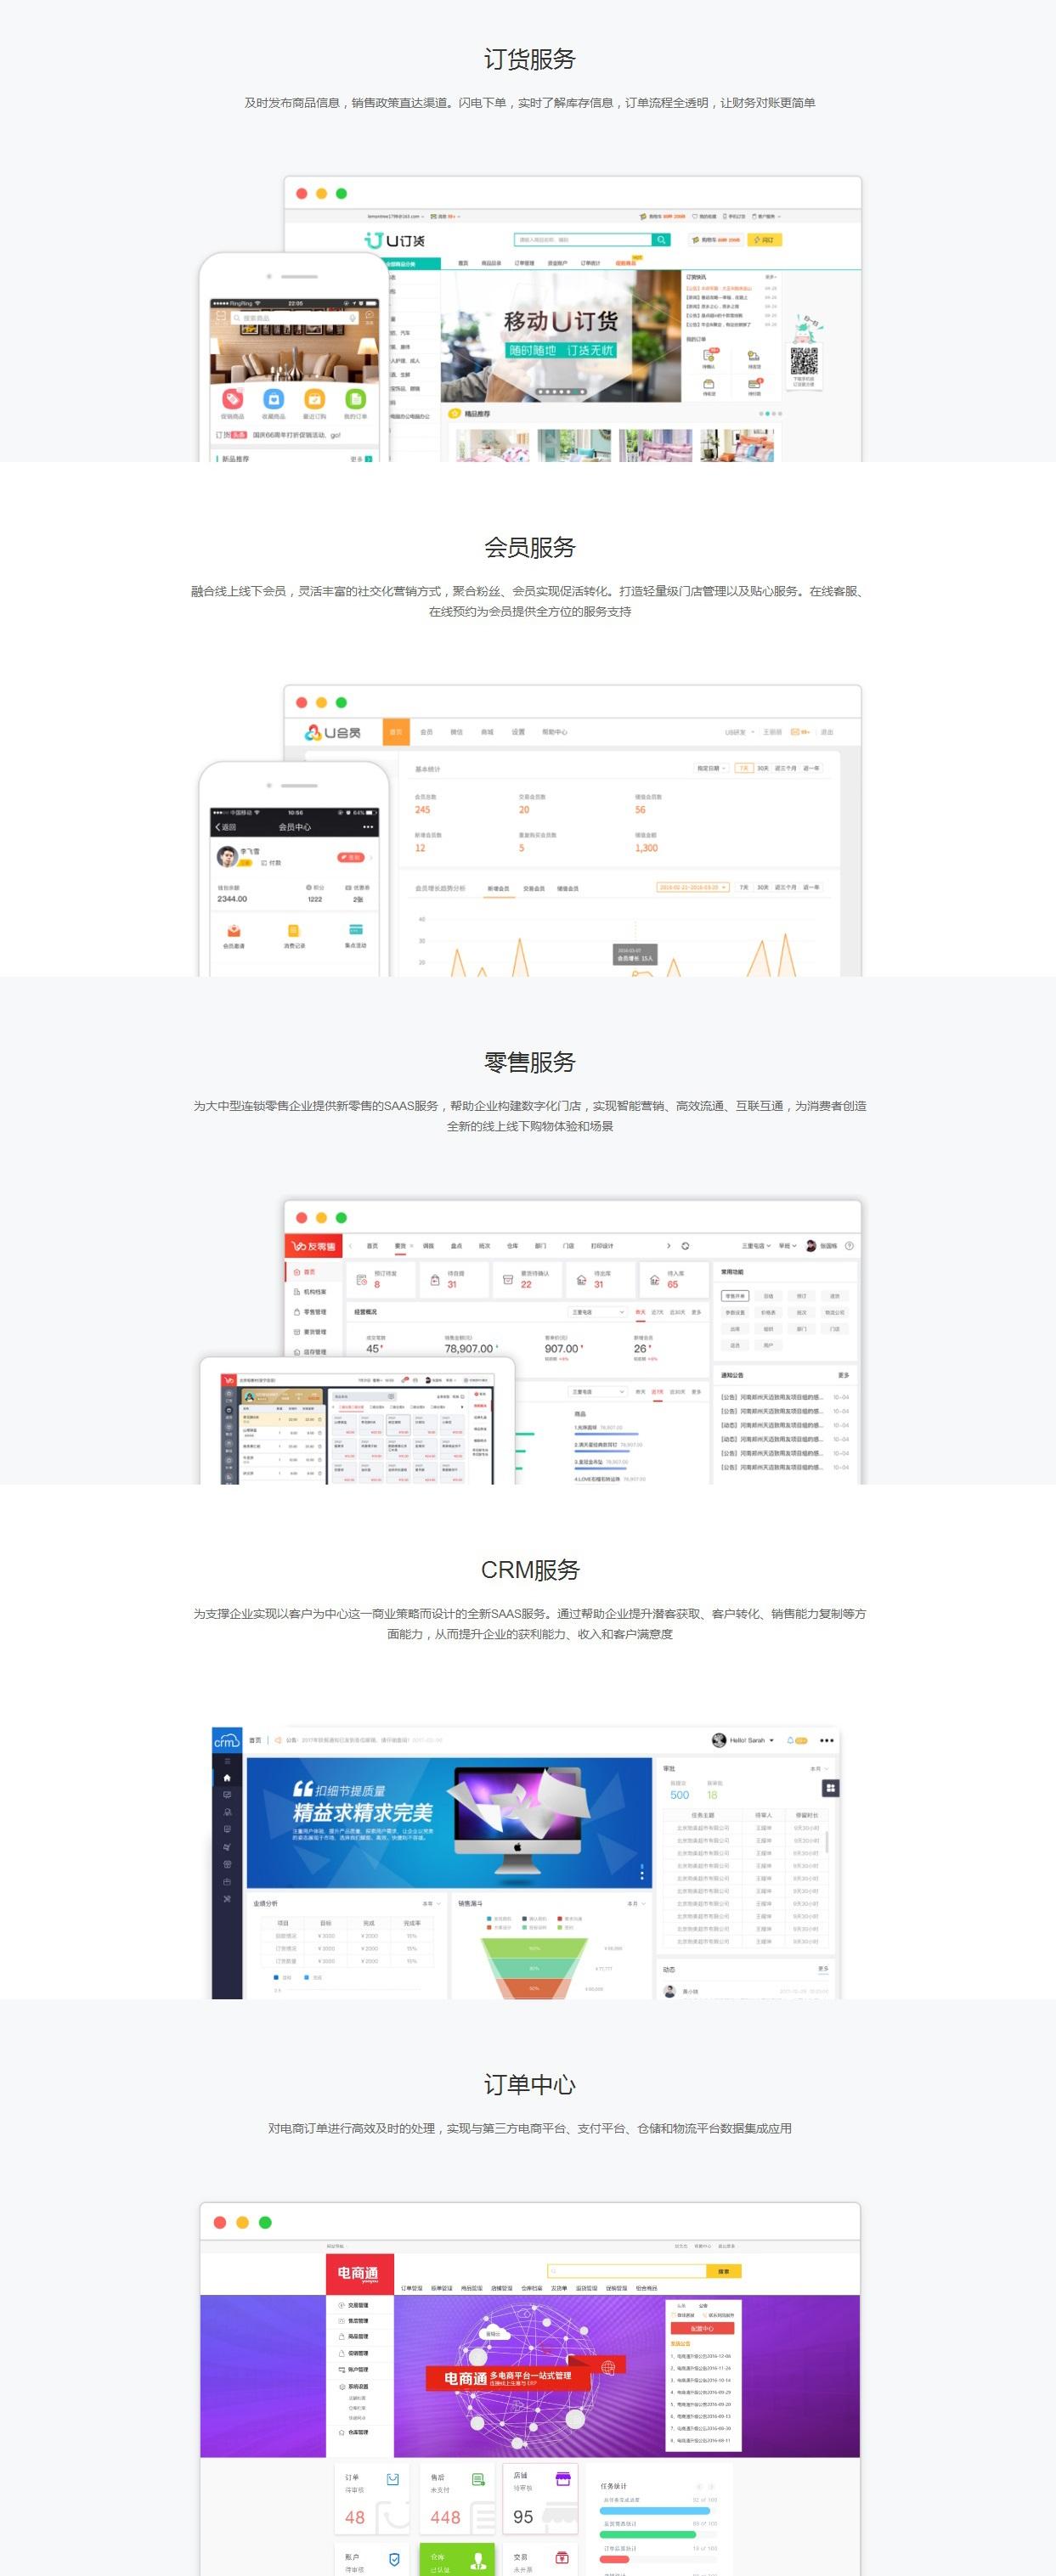 营销云产品配图2.jpg